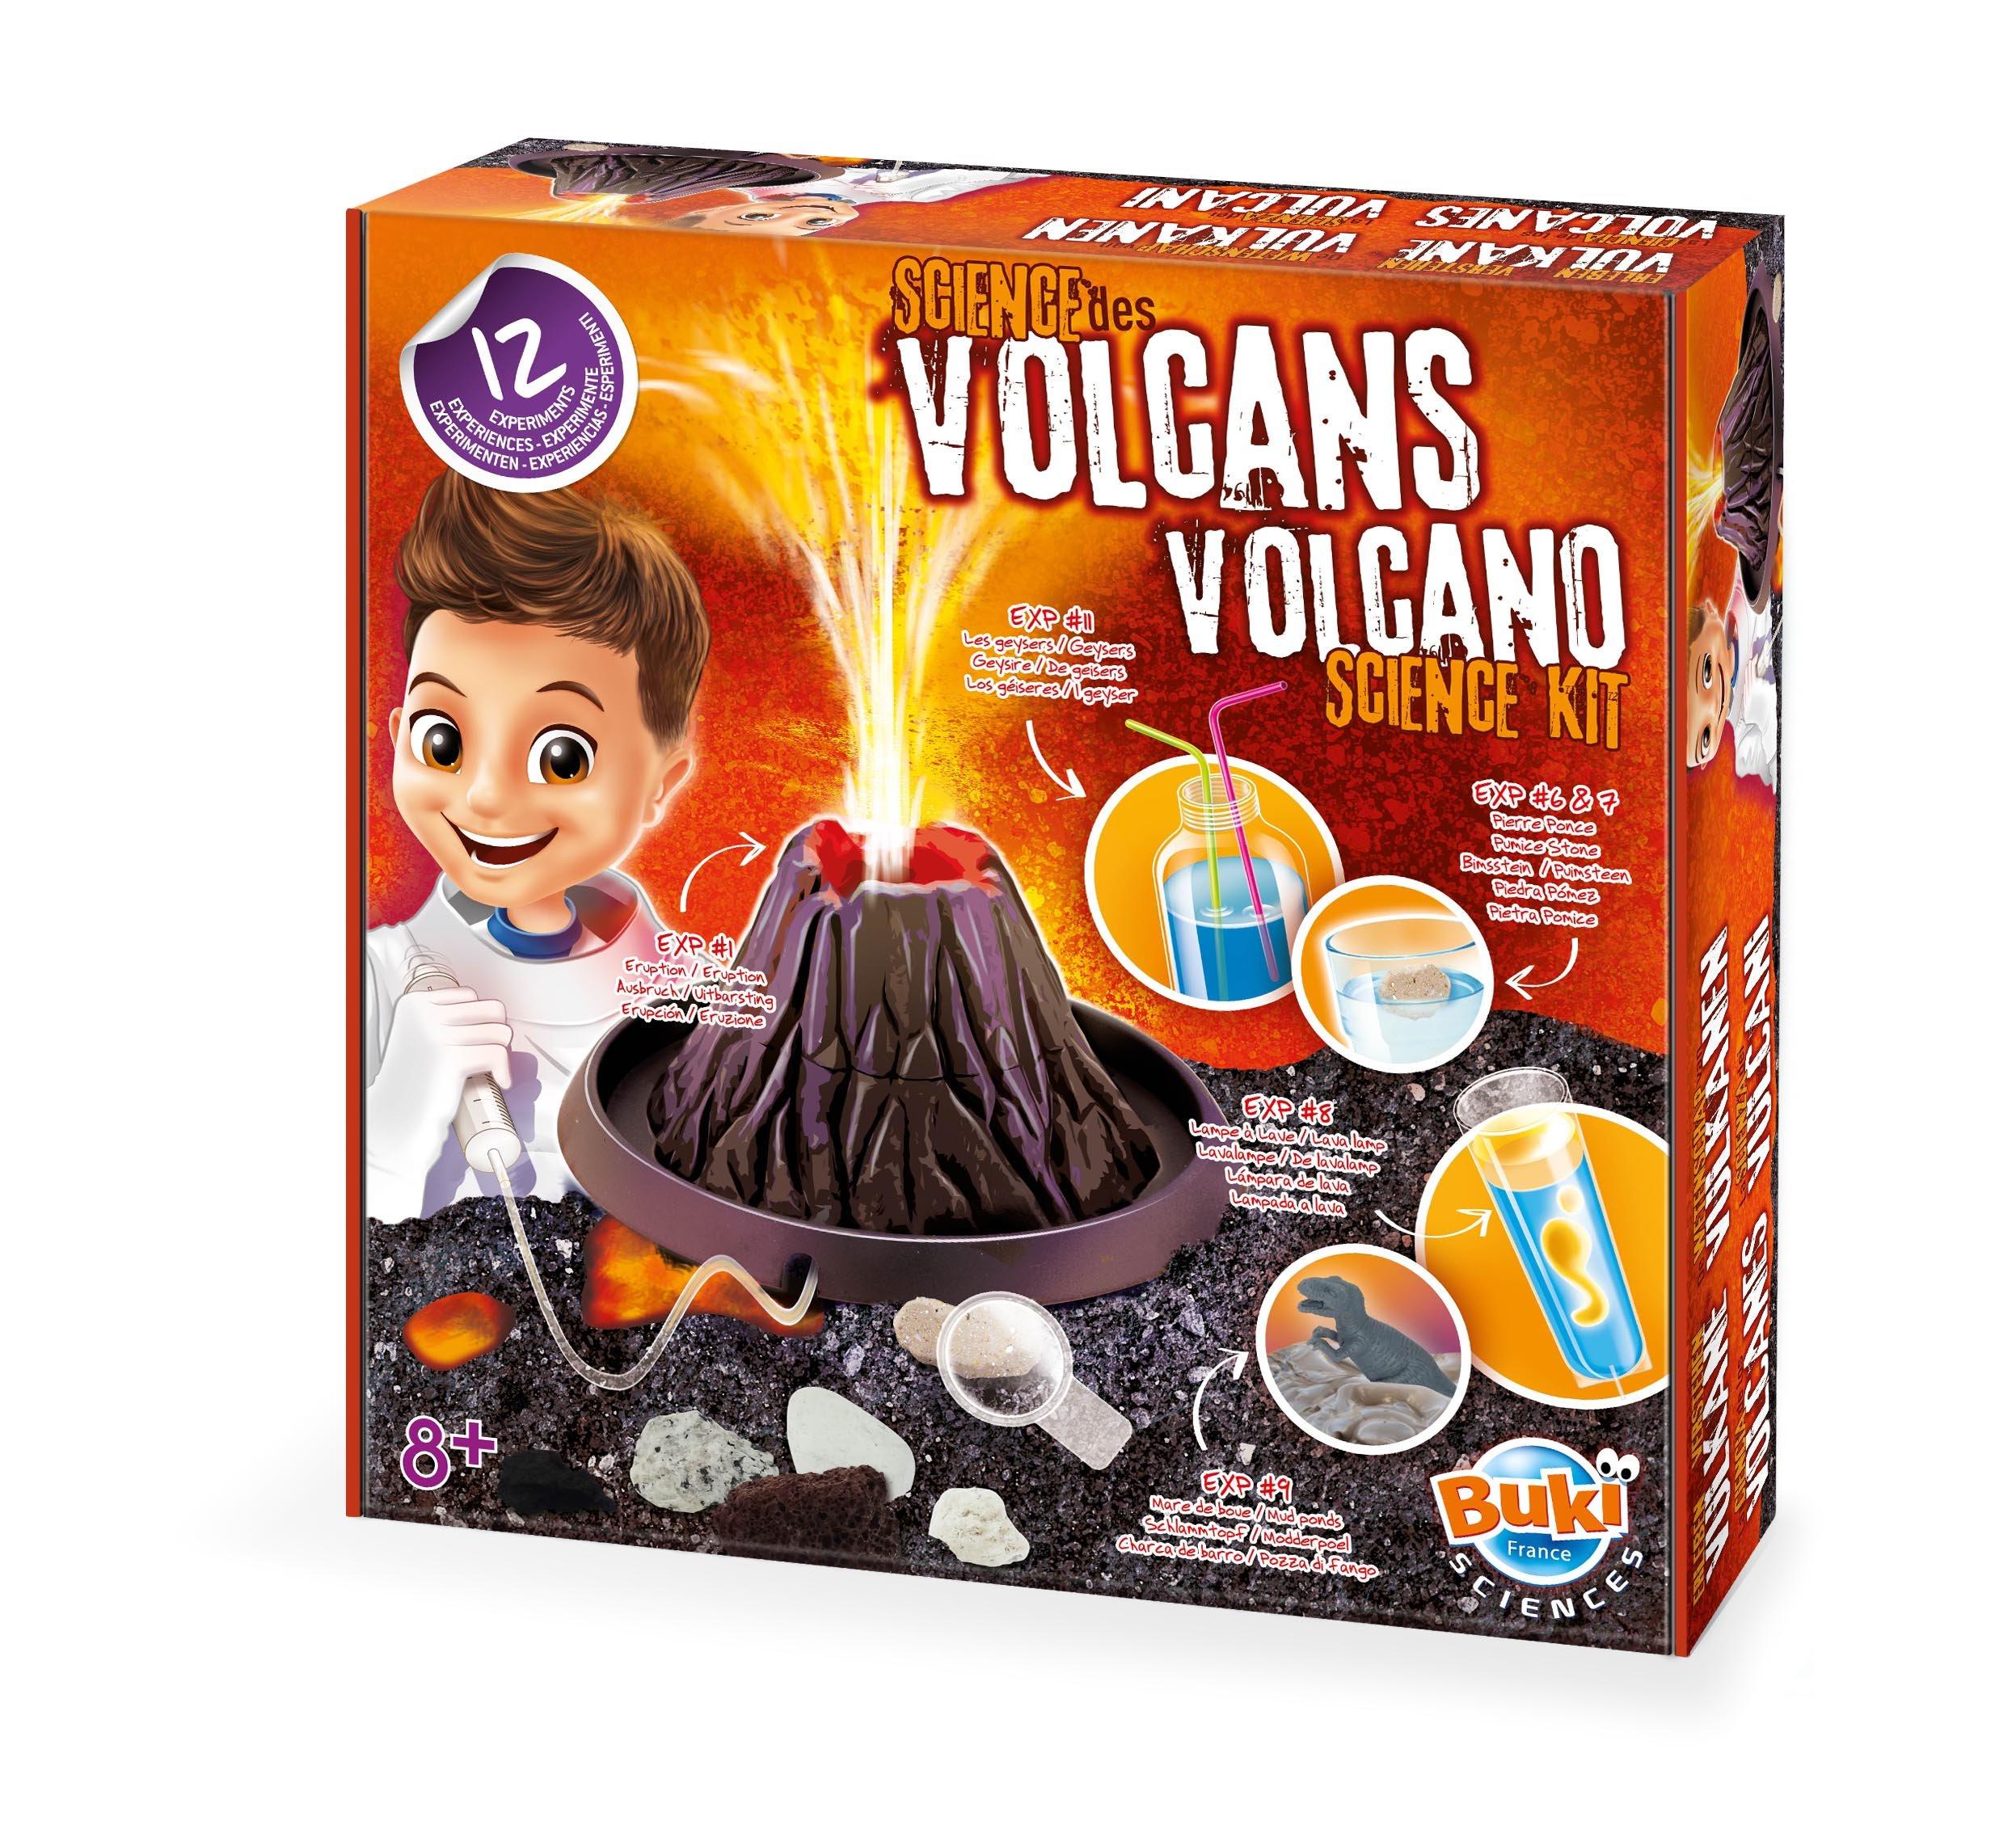 Buki - 2124 - Volcano Science kit France